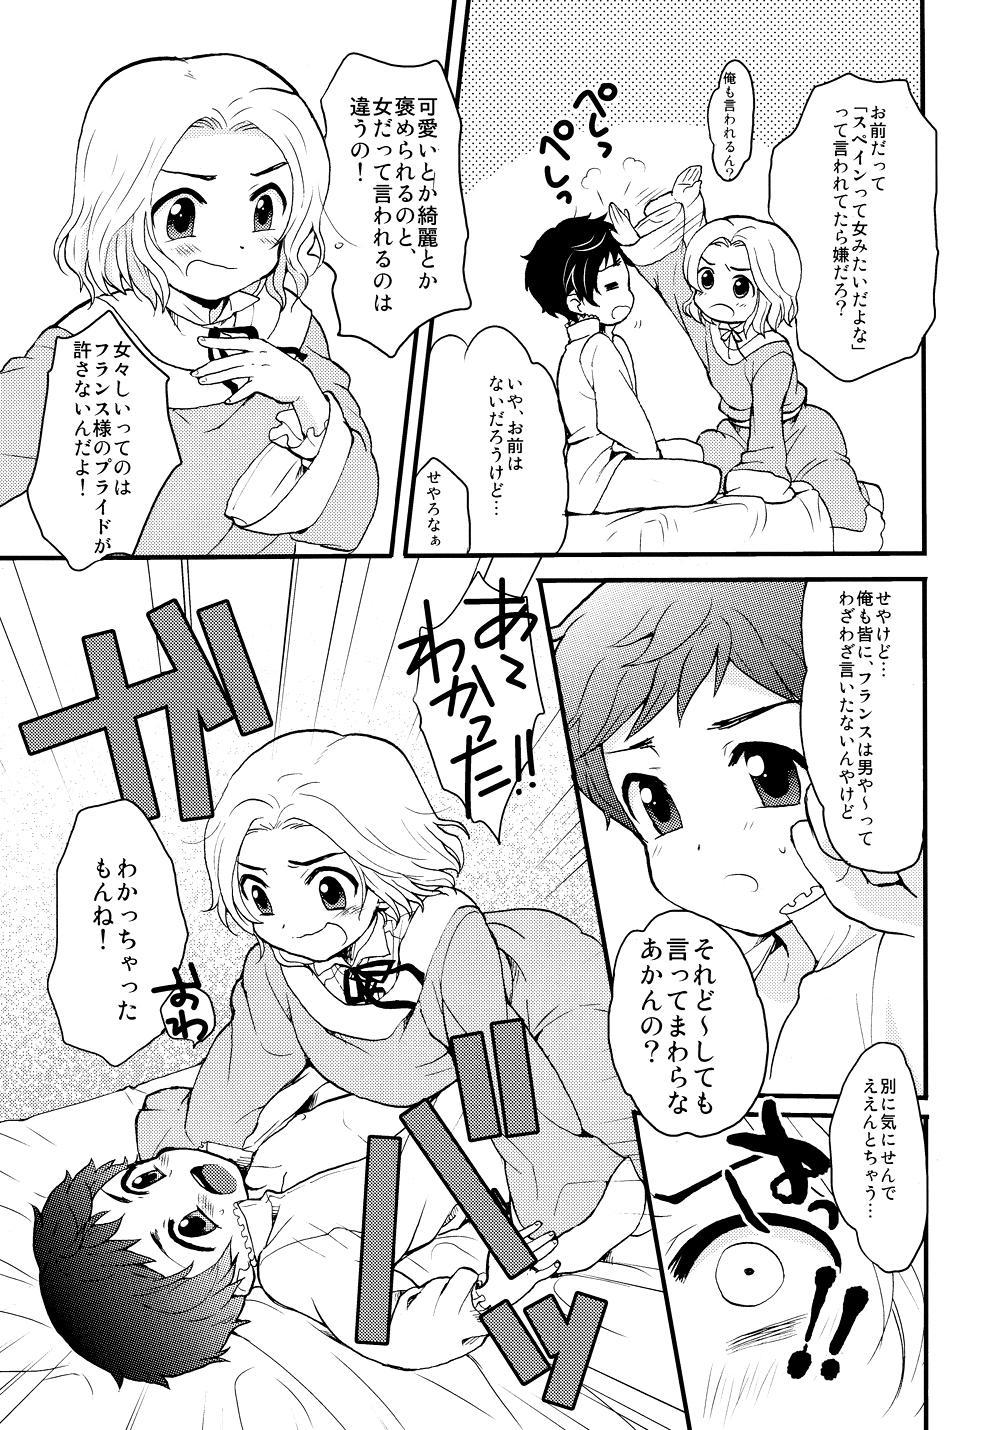 Oyabun! 2 6